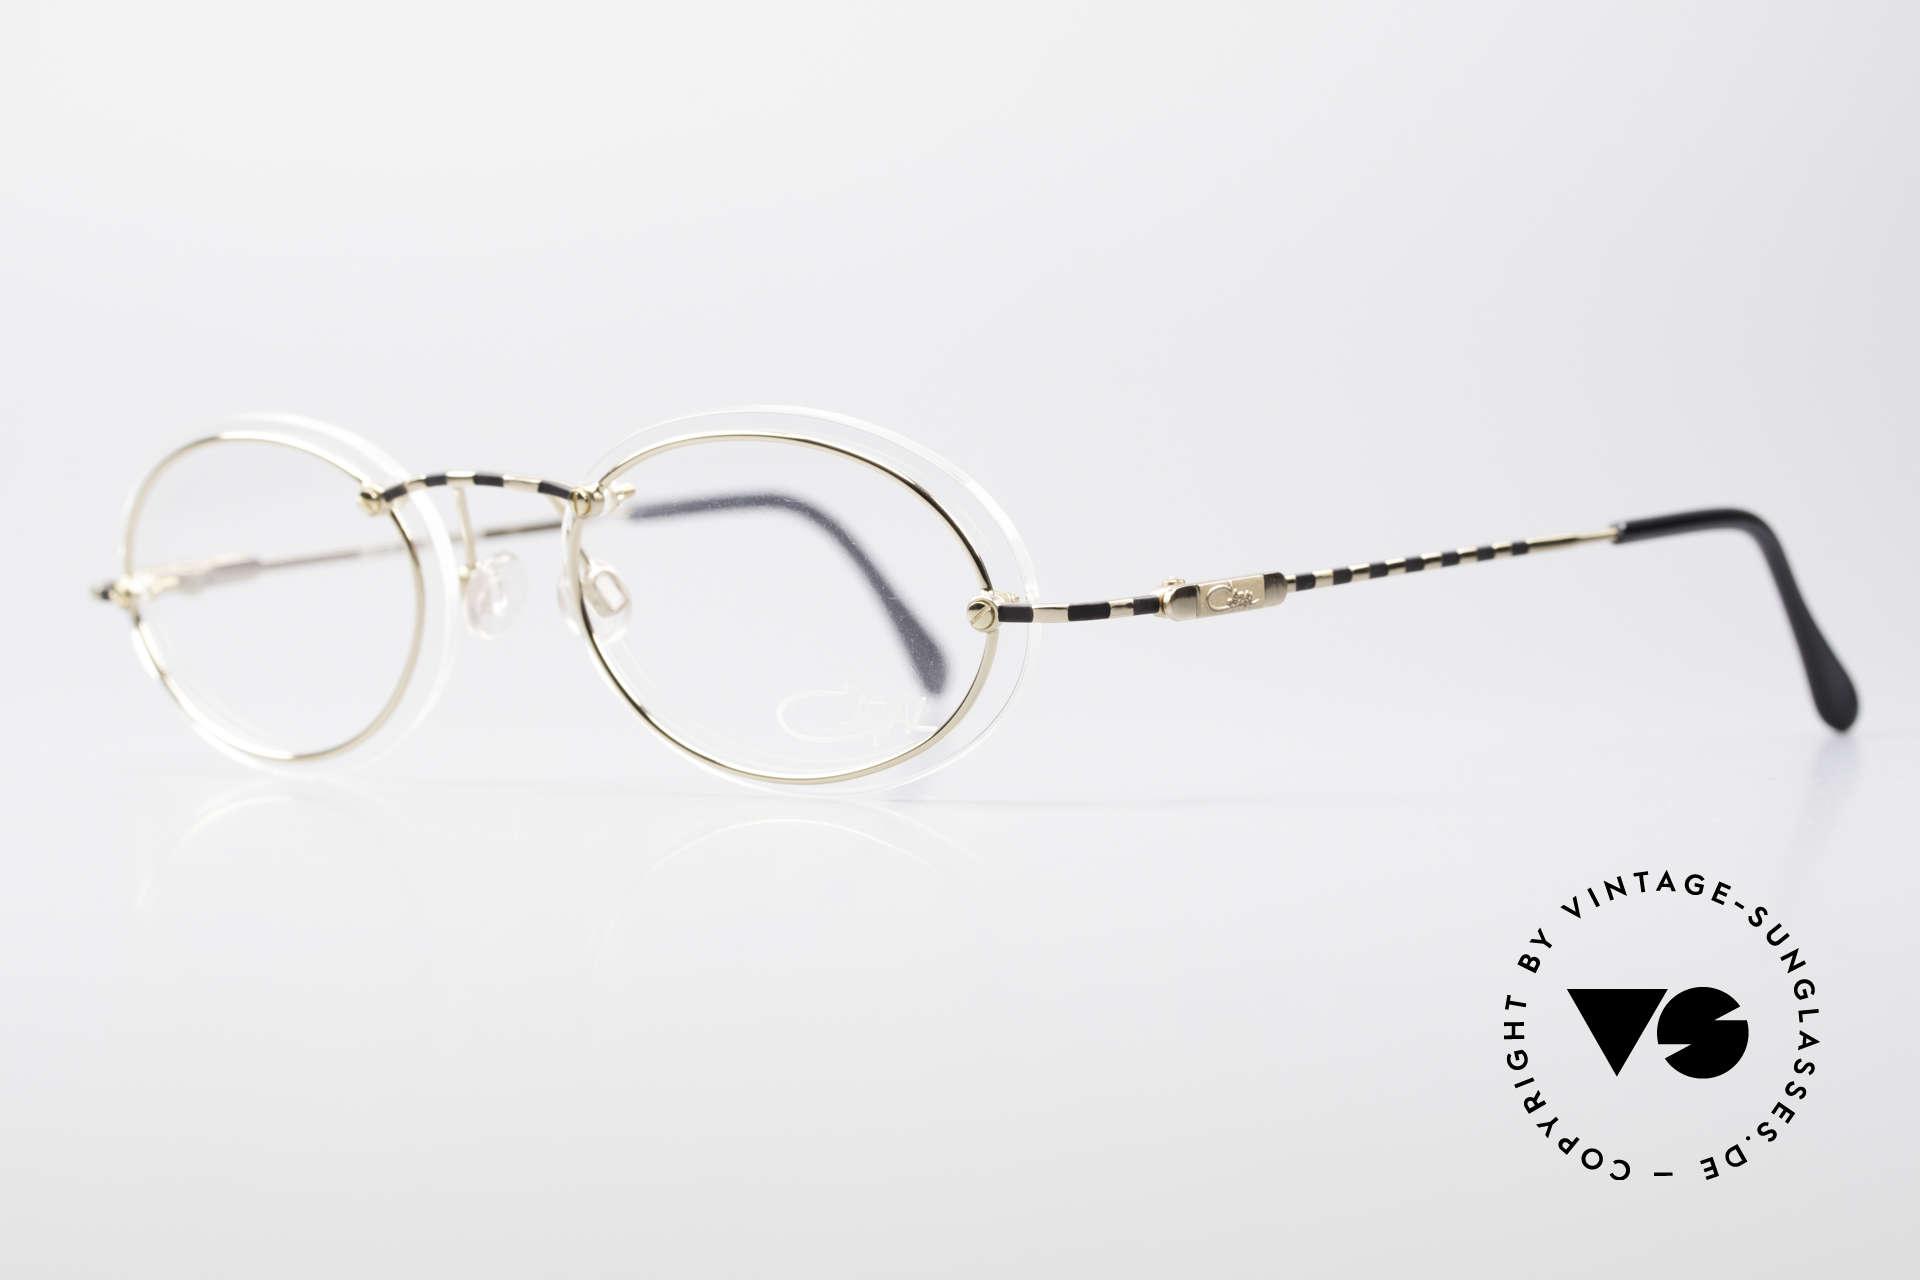 Cazal 770 90er Vintagebrille No Retro, auf den 1. Blick minimalistisch; jedoch sehr raffiniert, Passend für Herren und Damen